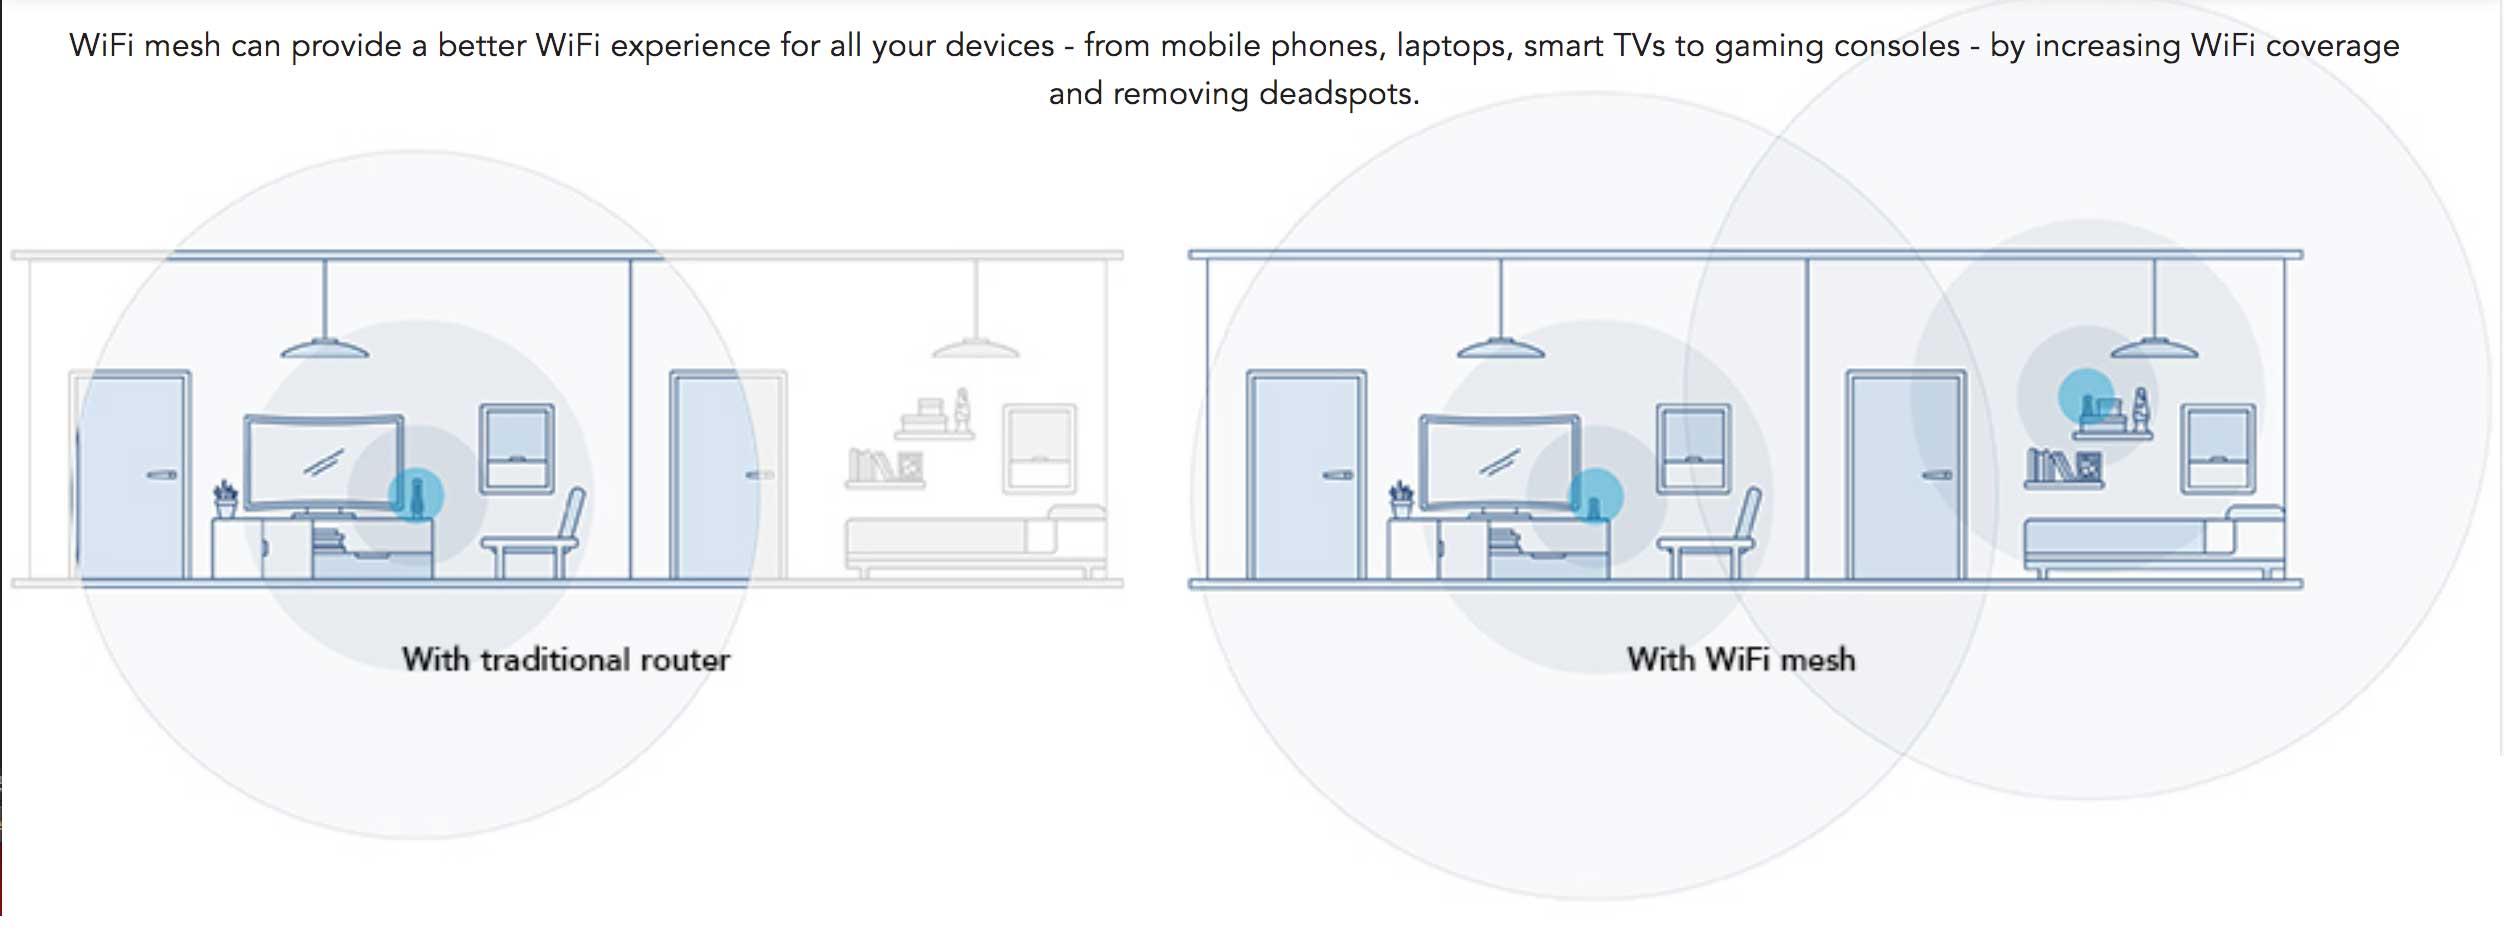 Wi-Fi router range vs Wi-Fi mesh network range (image via Singtel)